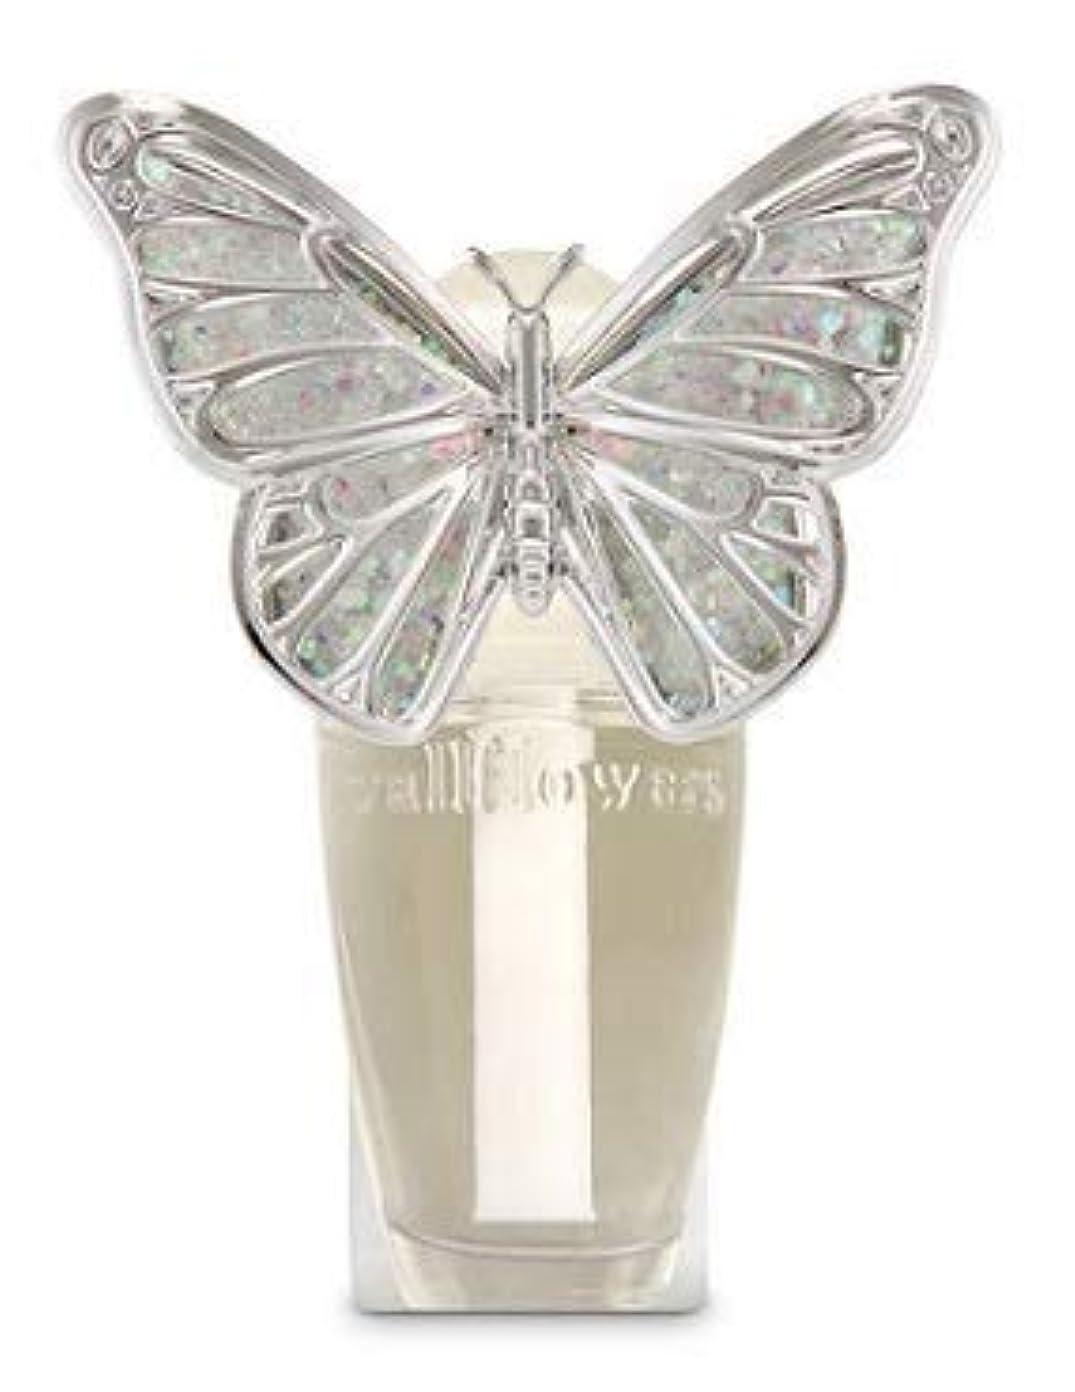 あまりにもスペア予測子【Bath&Body Works/バス&ボディワークス】 ルームフレグランス プラグインスターター (本体のみ) スプリングバタフライ ナイトライト Wallflowers Fragrance Plug Spring butterfly Night Light [並行輸入品]